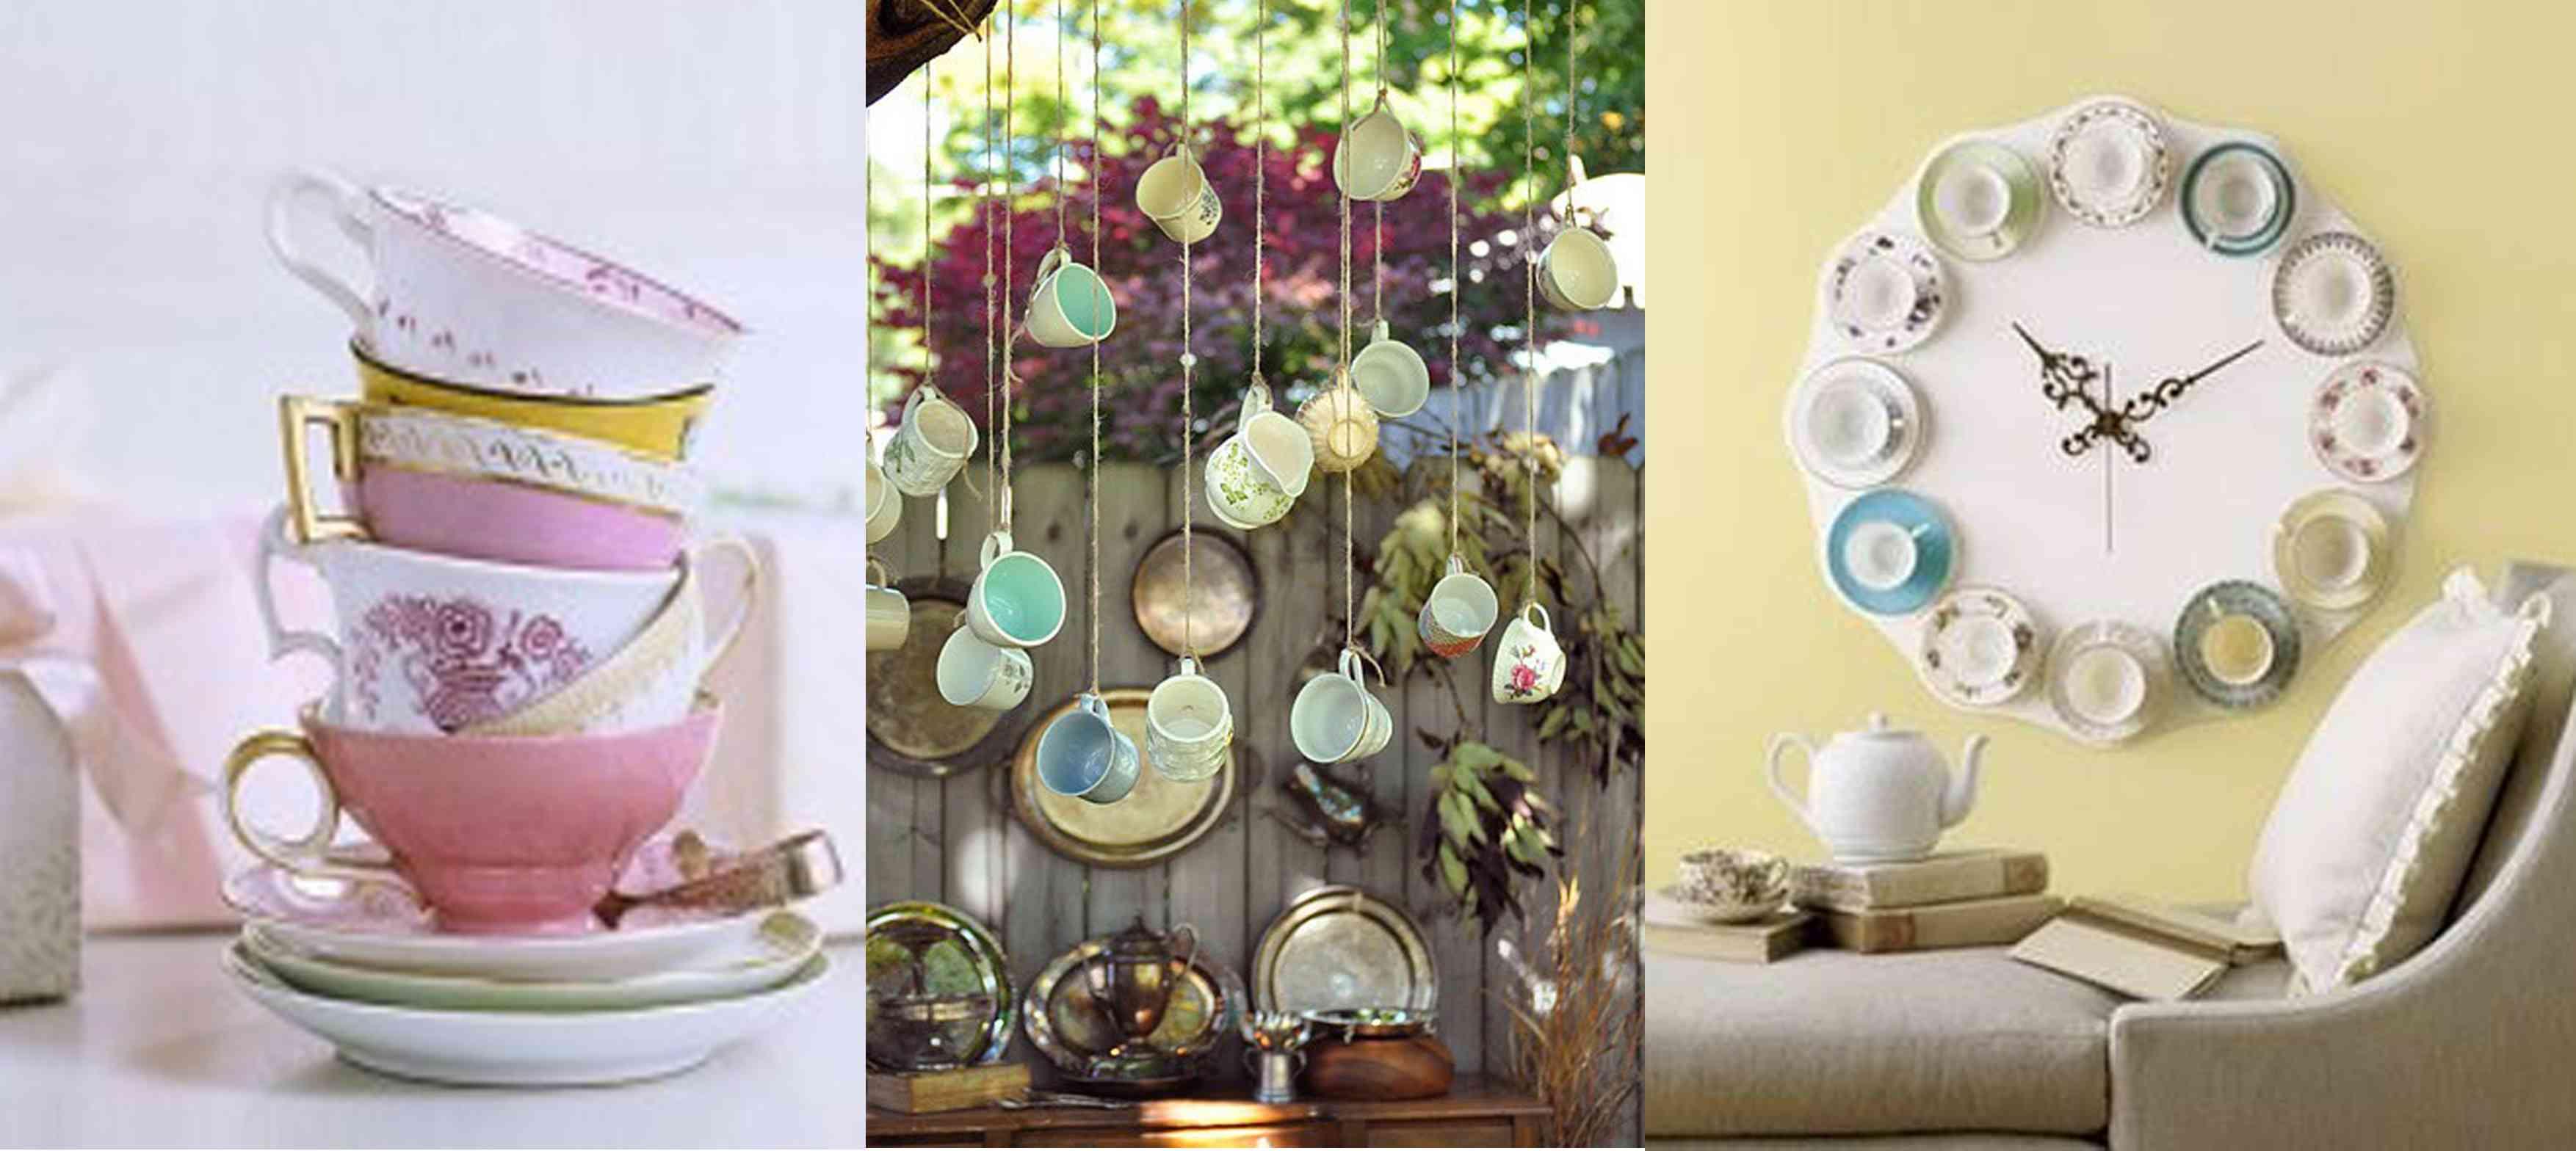 Cómo decorar tazas